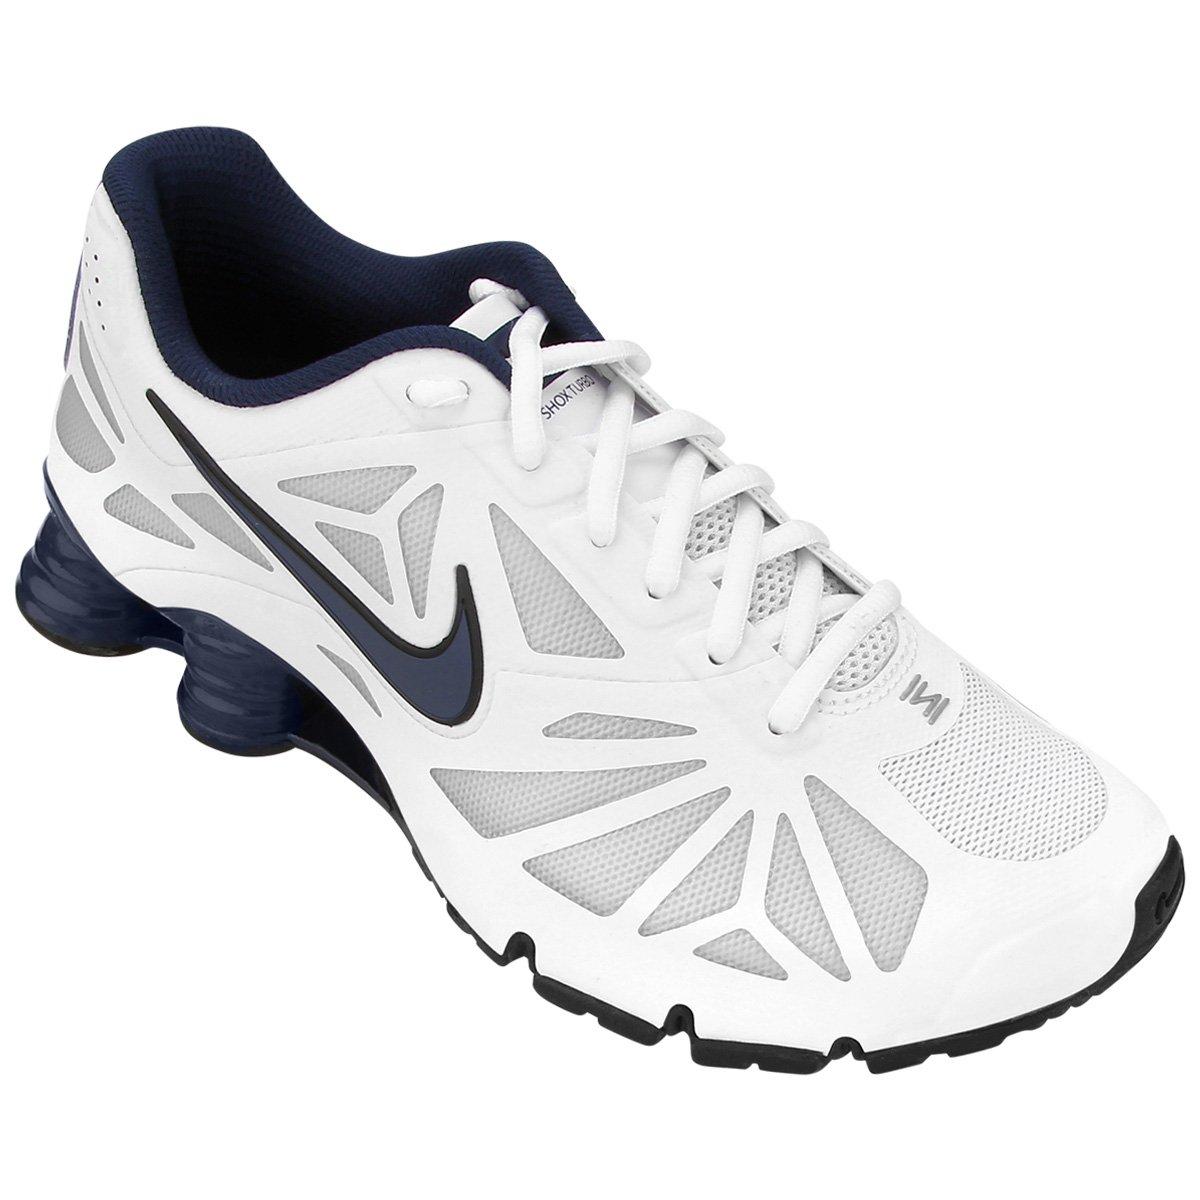 ef5fa06d1d ... Tênis Nike Shox Turbo 14 - Branco e Marinho ...